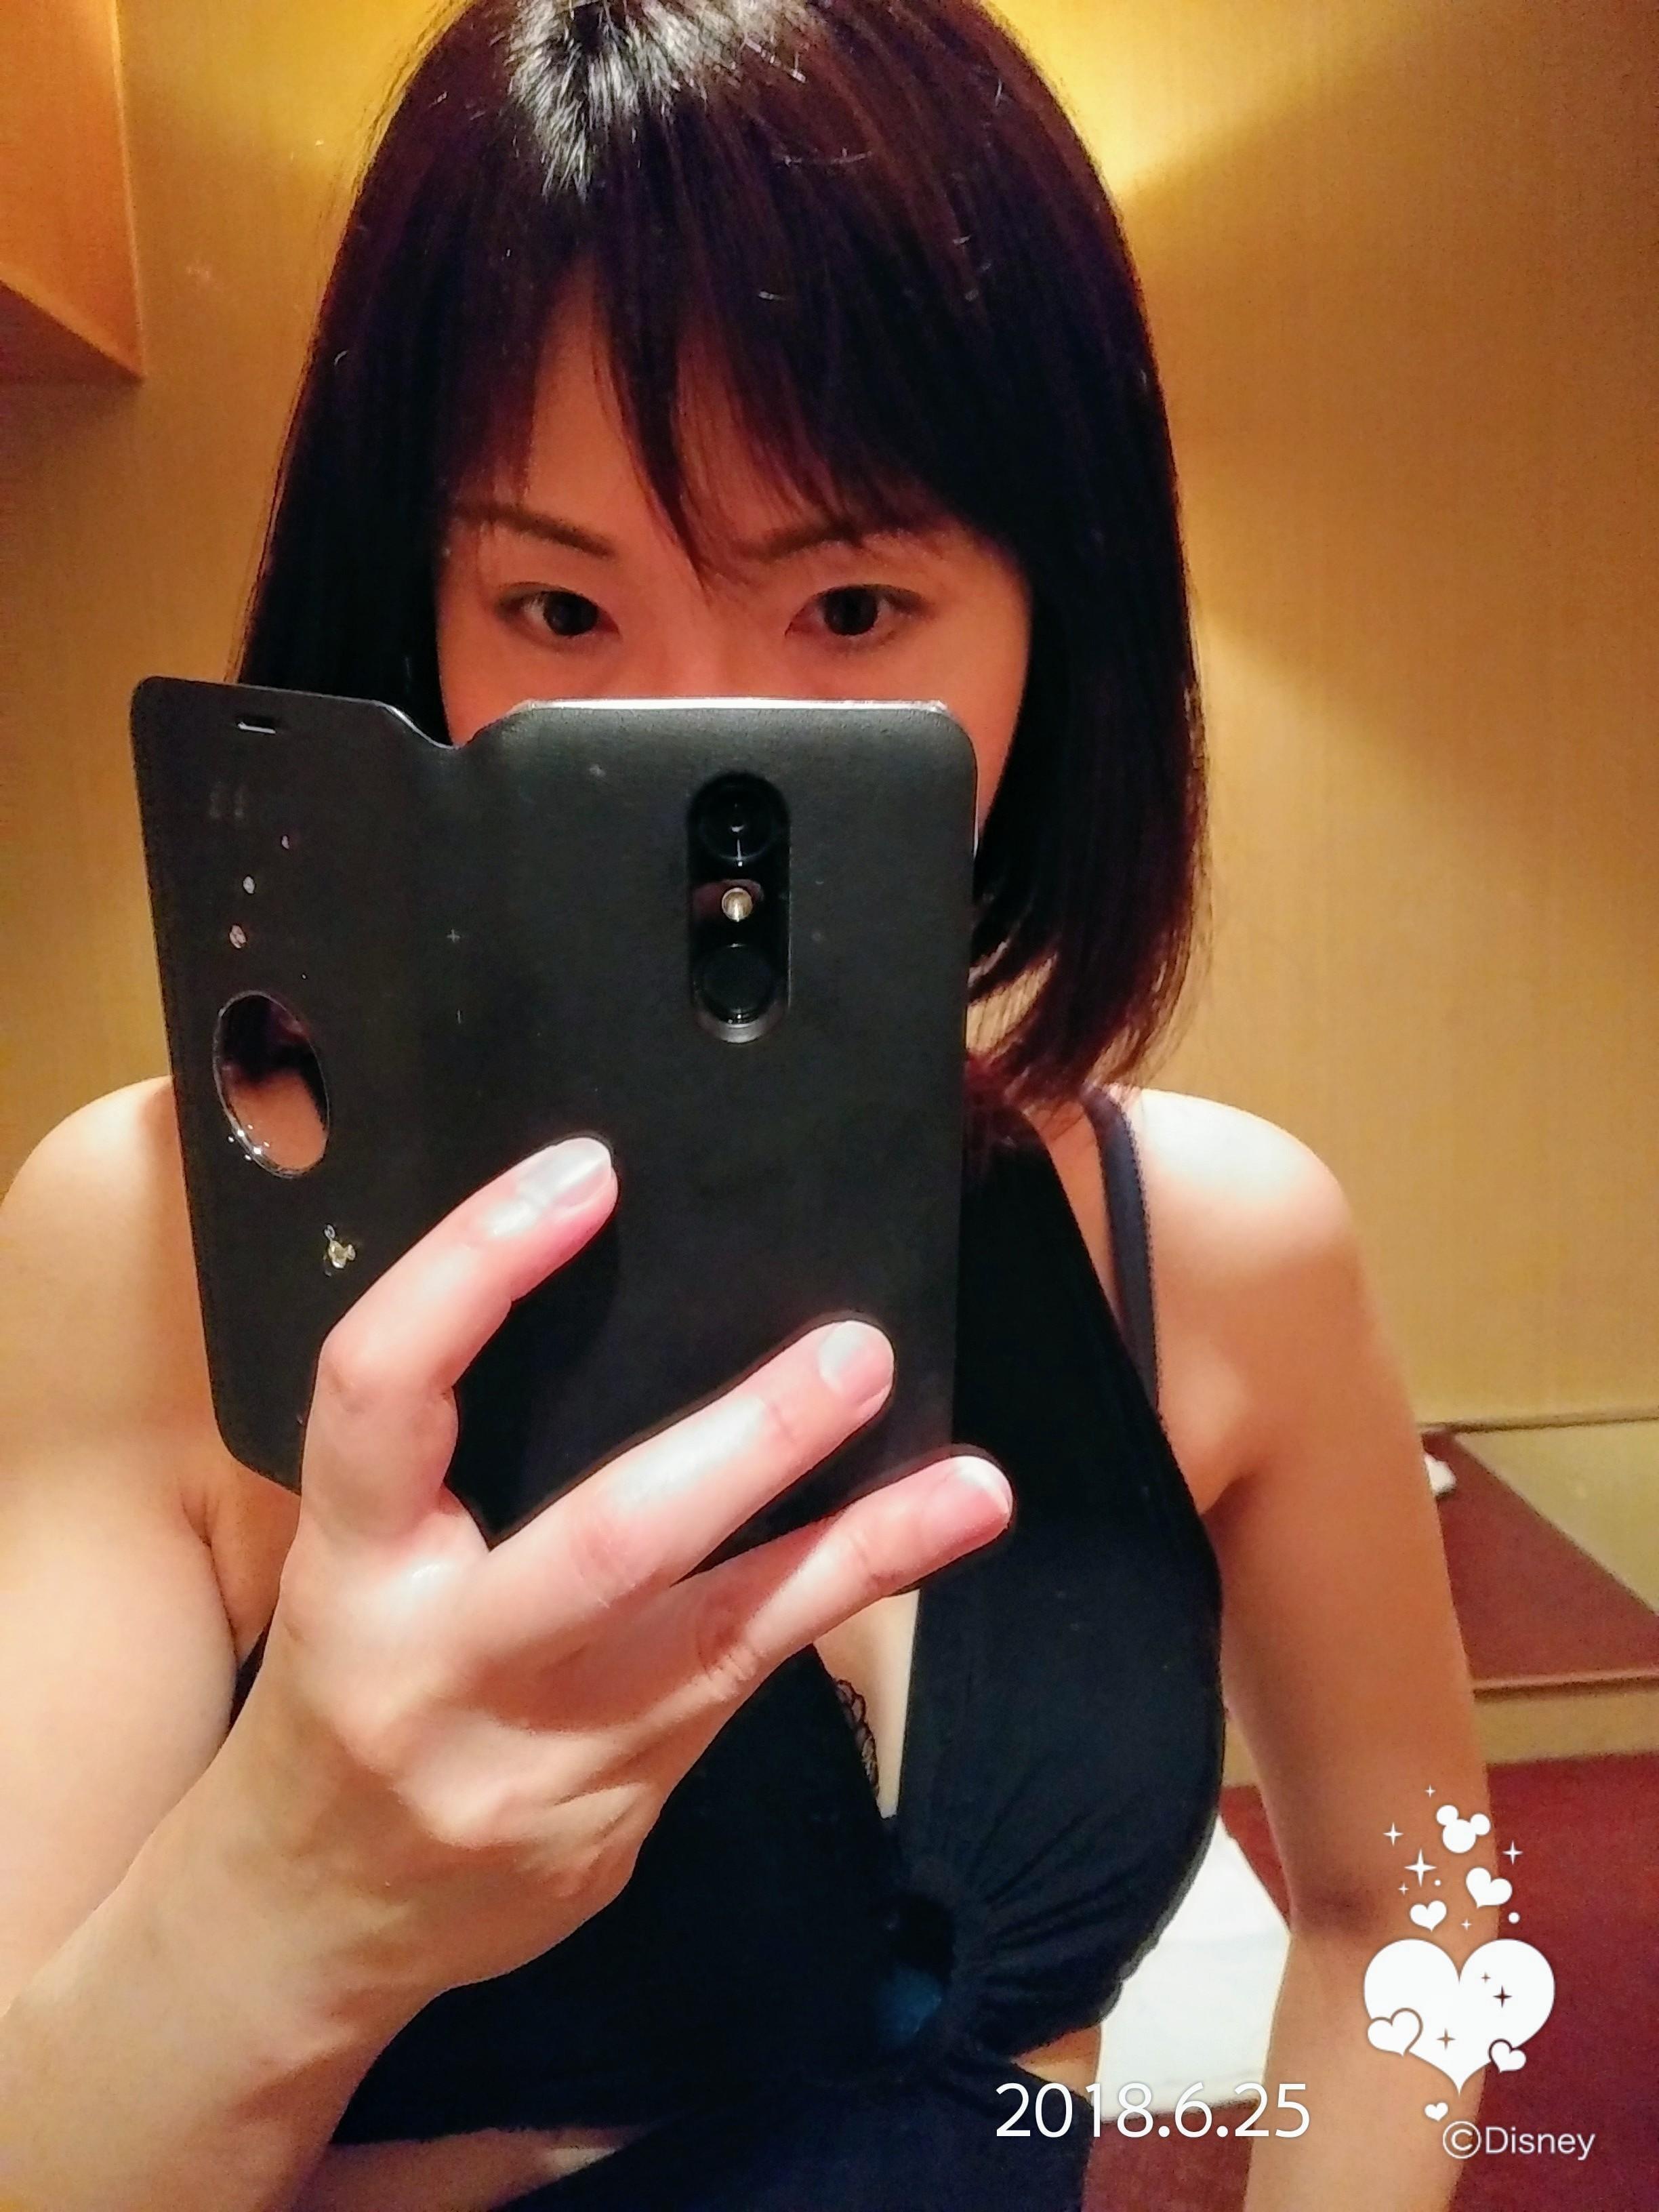 「急いで準備完了」06/25(月) 10:45 | 長瀬ひとみの写メ・風俗動画